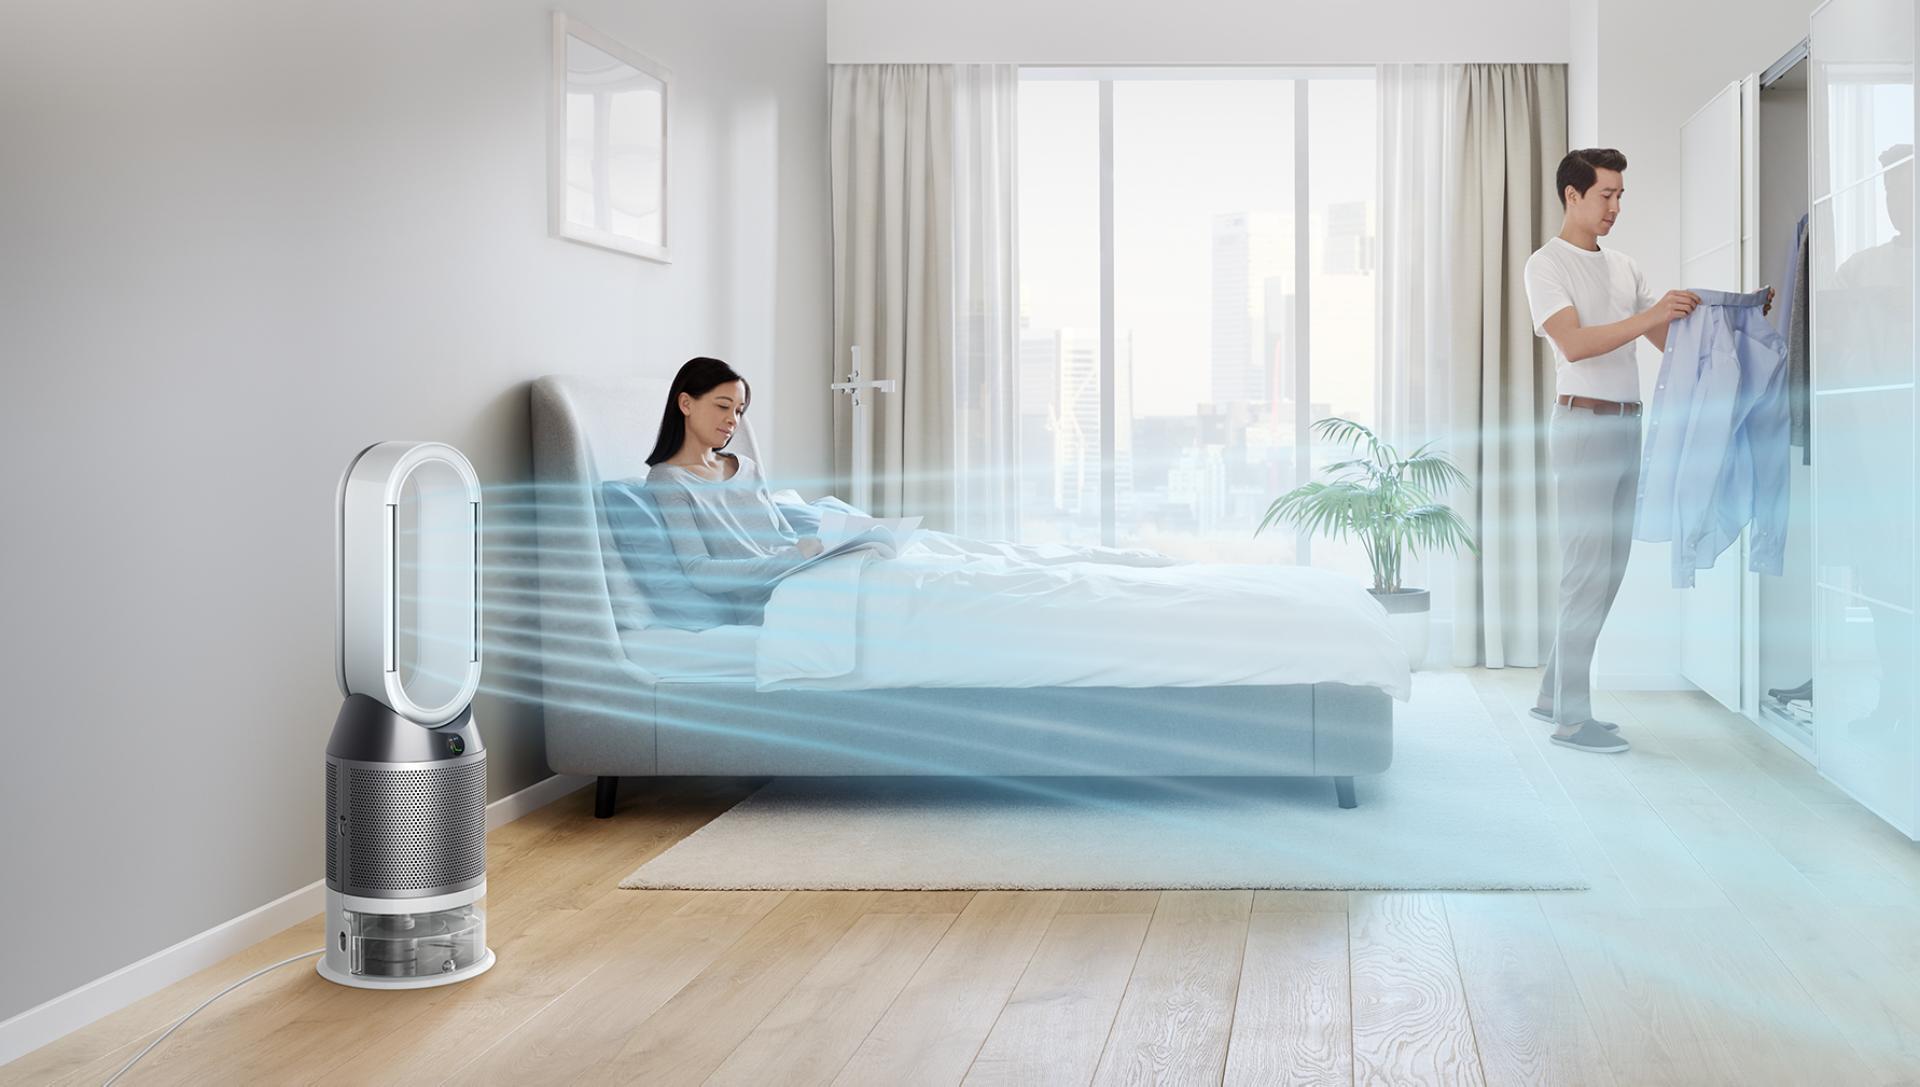 다이슨 가습 공기청정기가 실내 공기를 순환시키는 동안 침대에서 휴식을 취하고 있는 여성